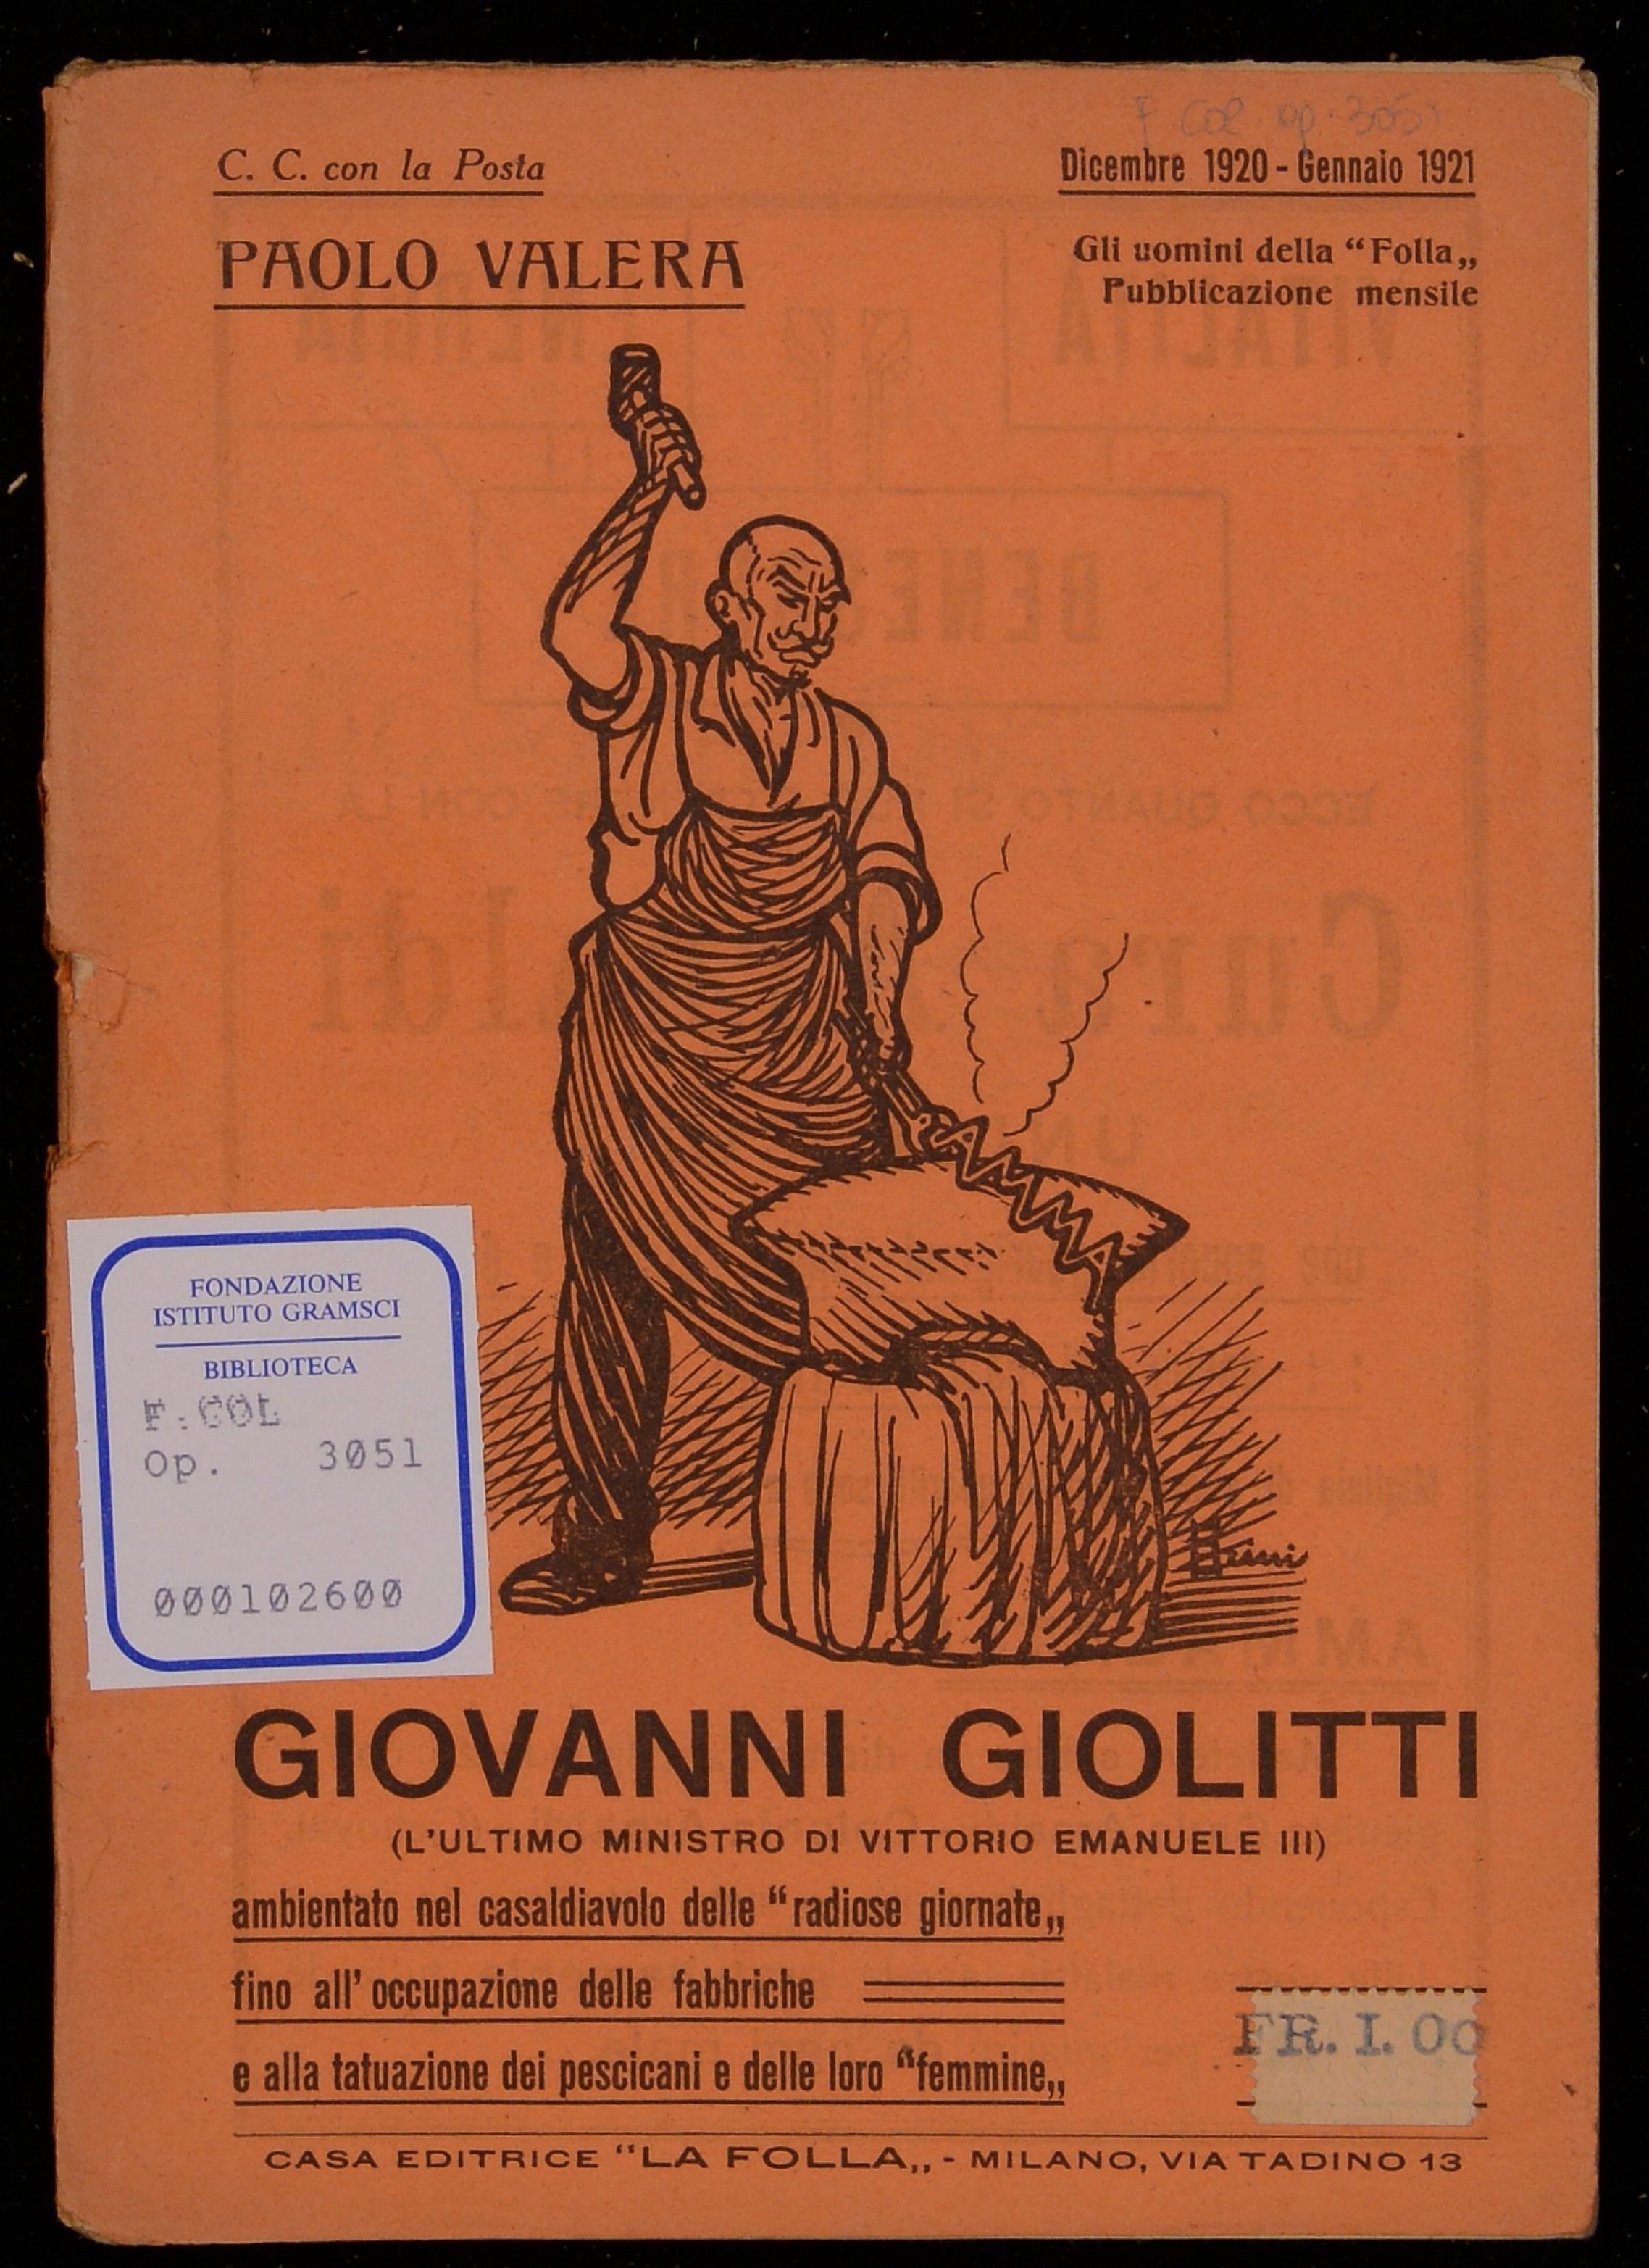 Giovanni Giolitti